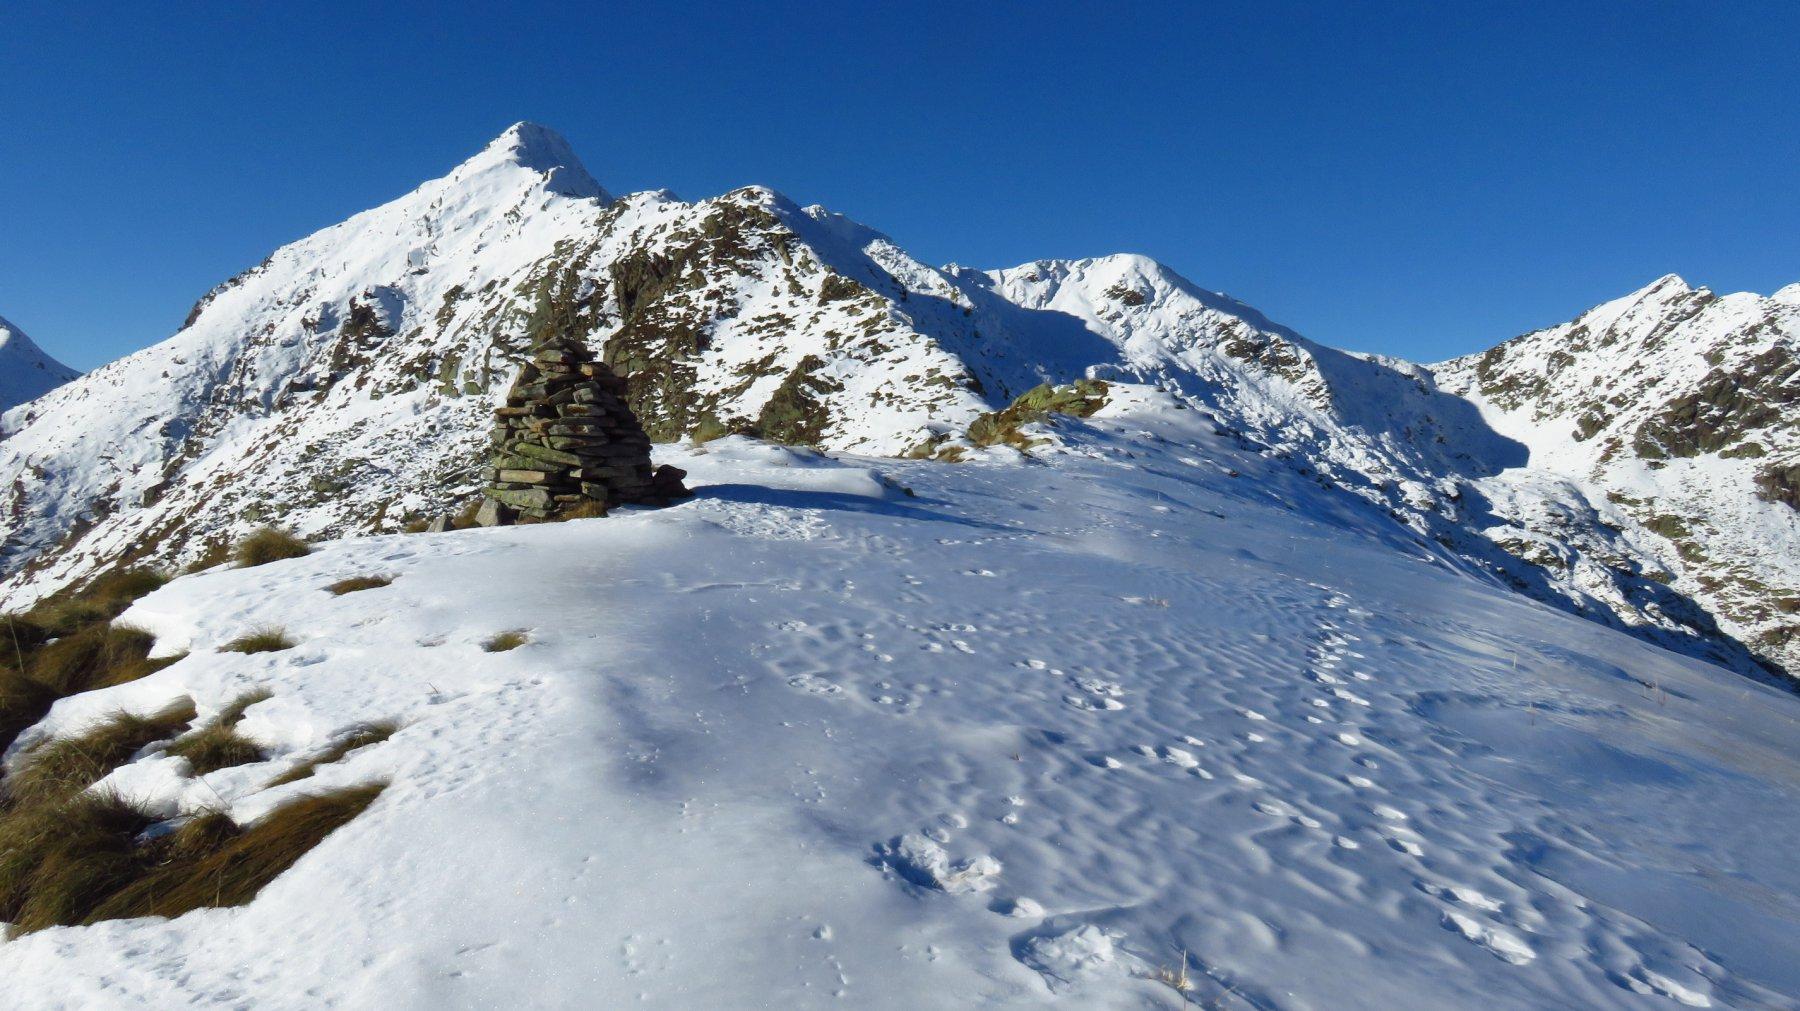 Ometto di Rocce Bianche, con neve trasformata in lastra di ghiaccio vivo